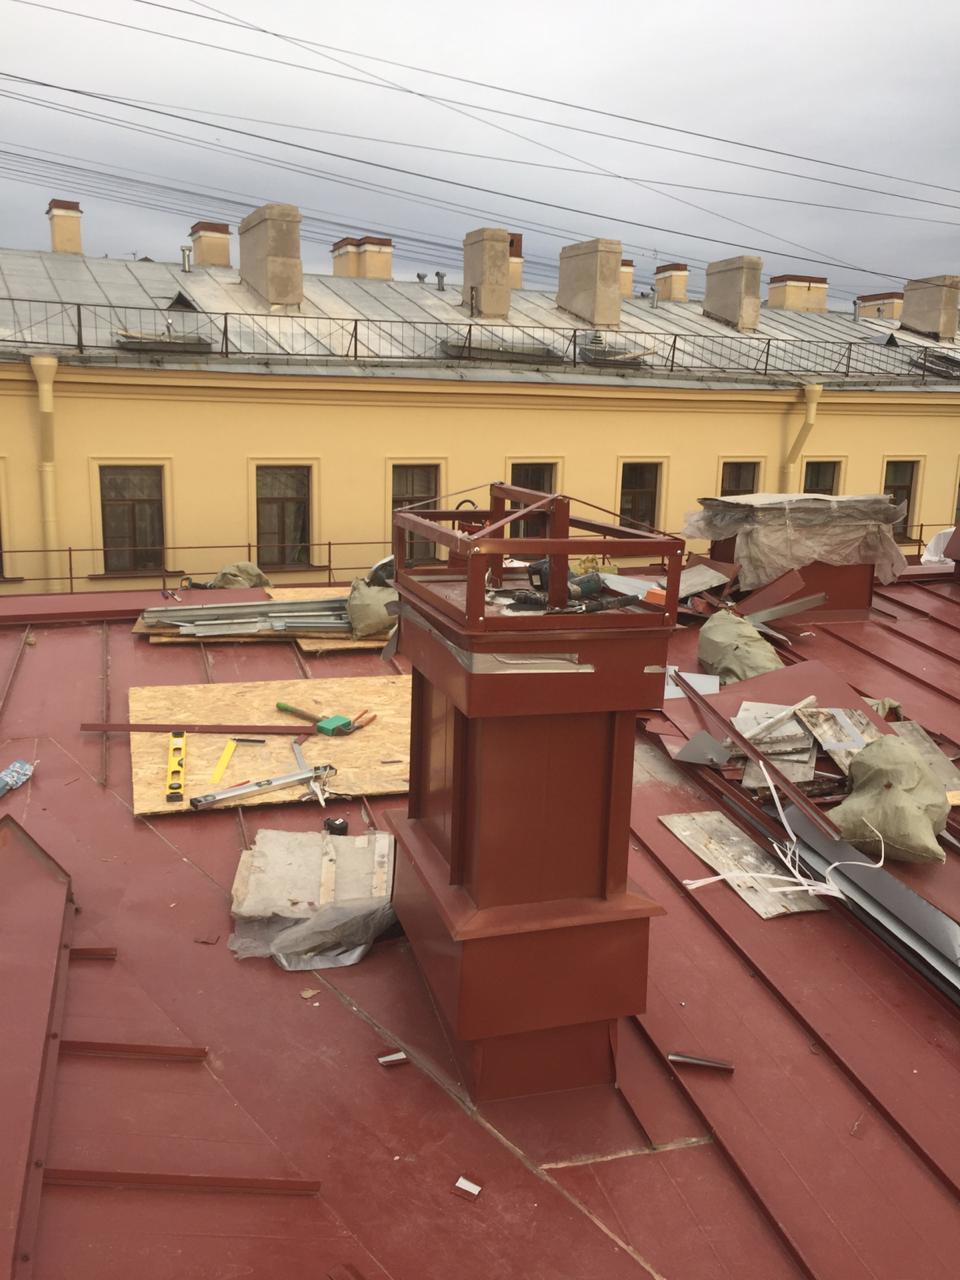 Качественный монтаж вентиляционных каналов кровли здания с частичной заменой пирога кровли